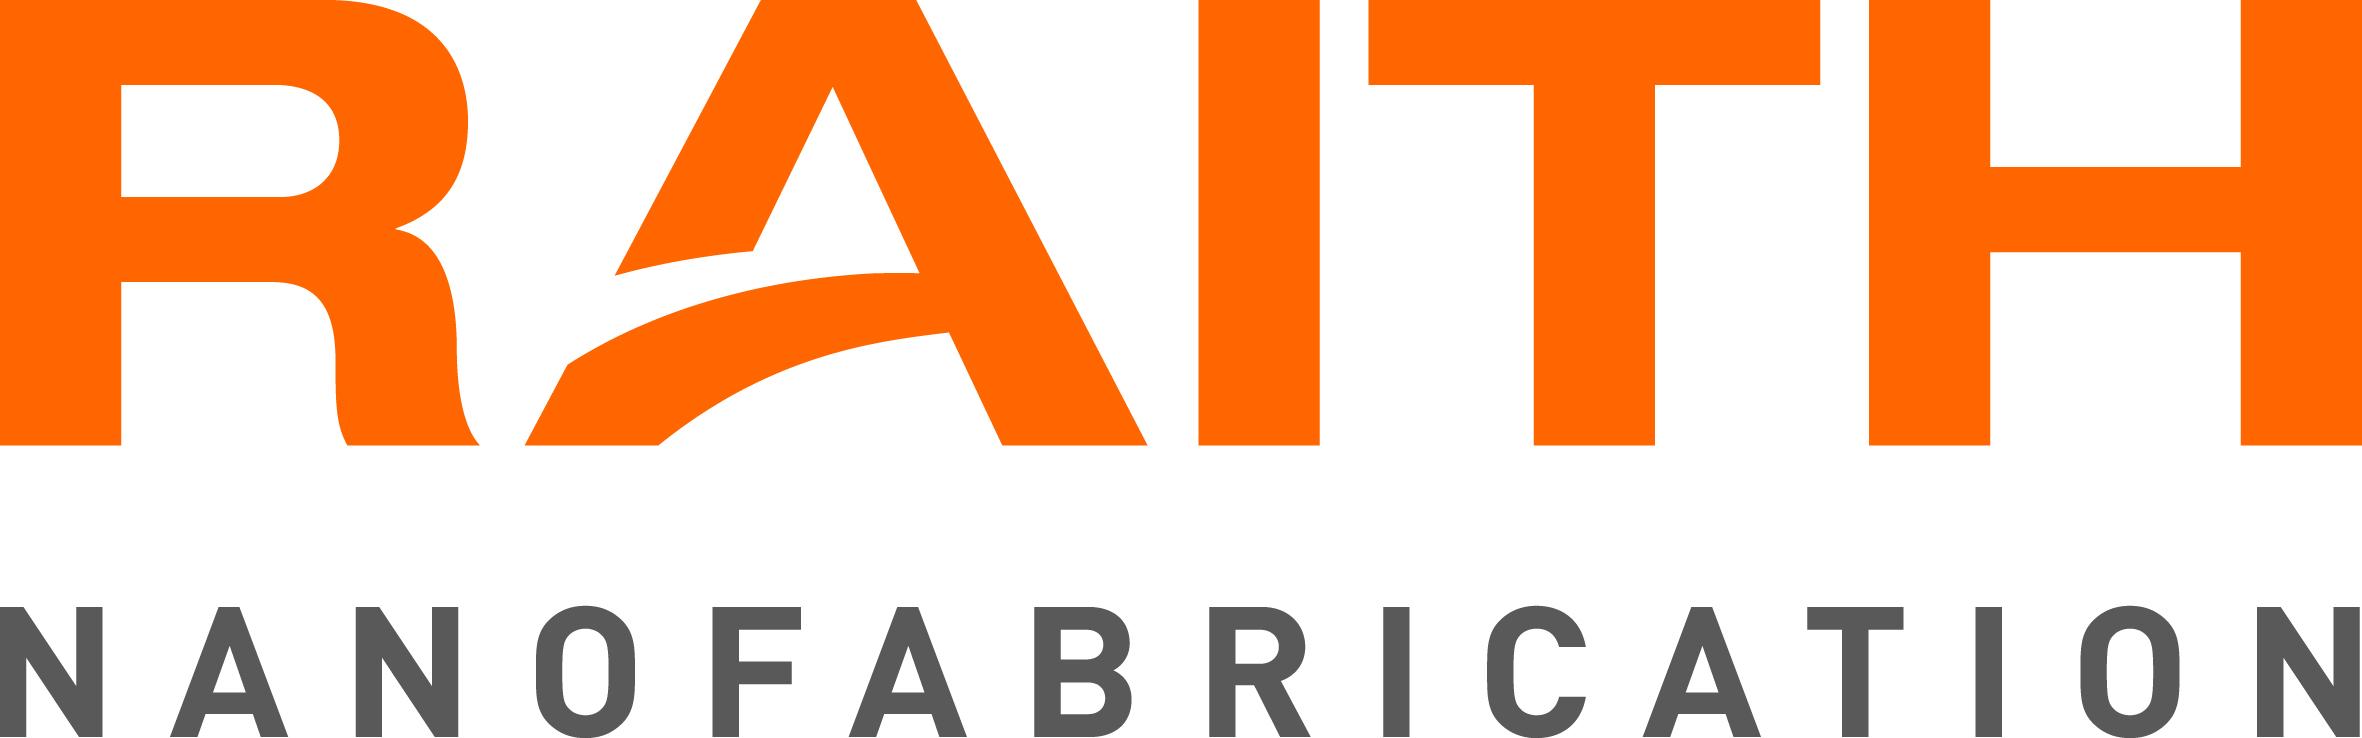 Raith rozszerza swoje portfolio poprzez przejęcie firmy 4PICO Litho.